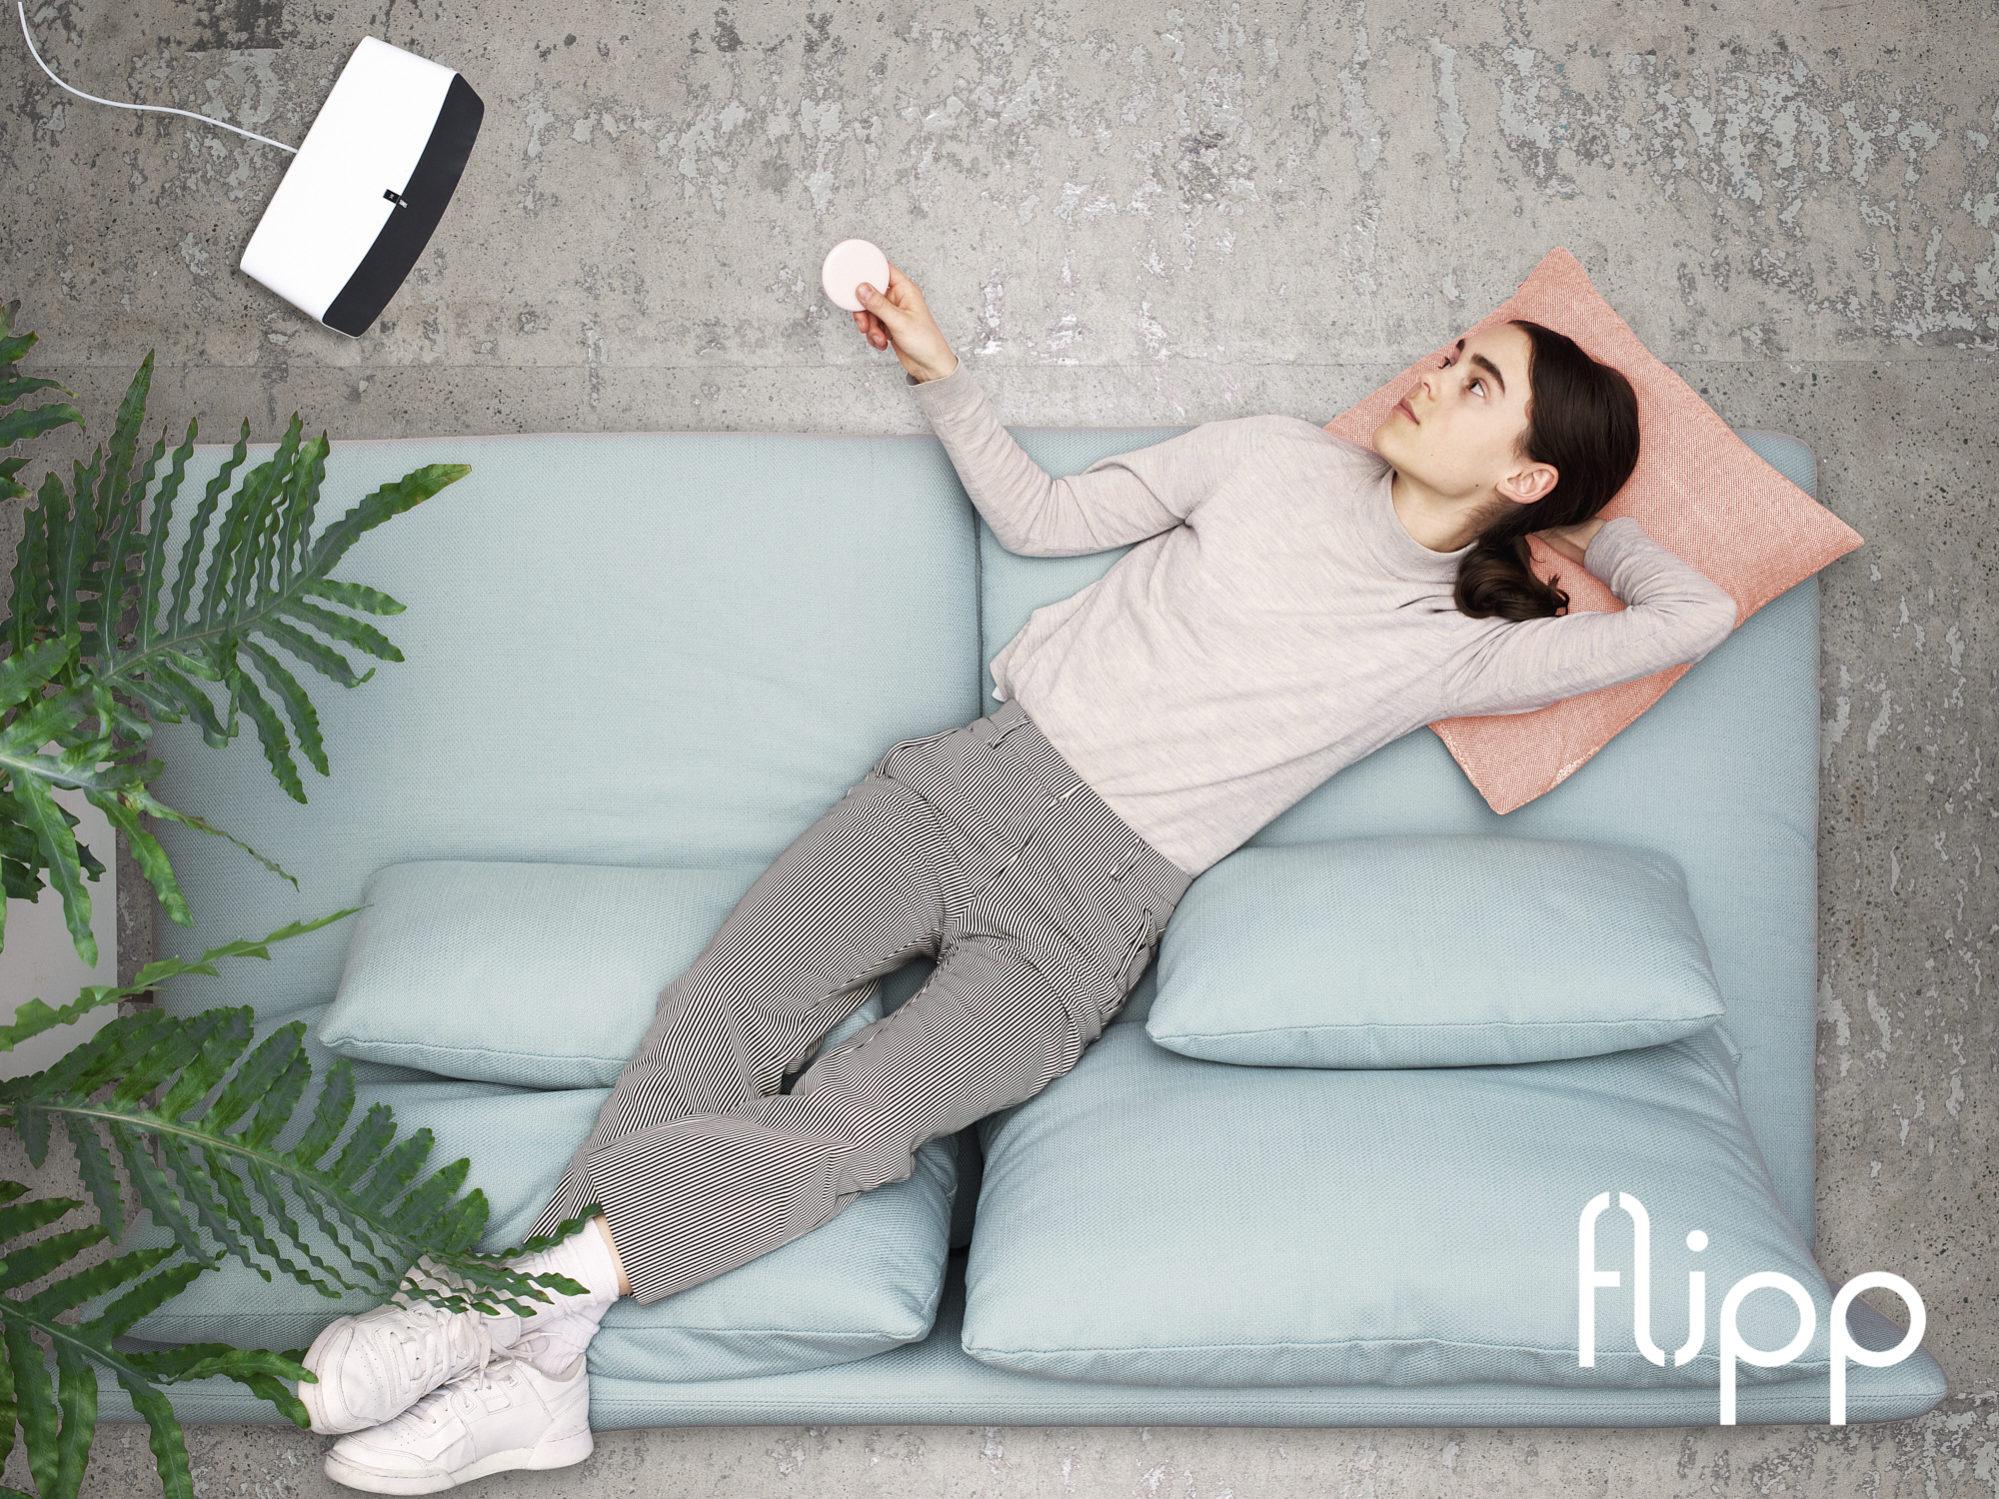 FLIPP | 2017 Ad Campaign